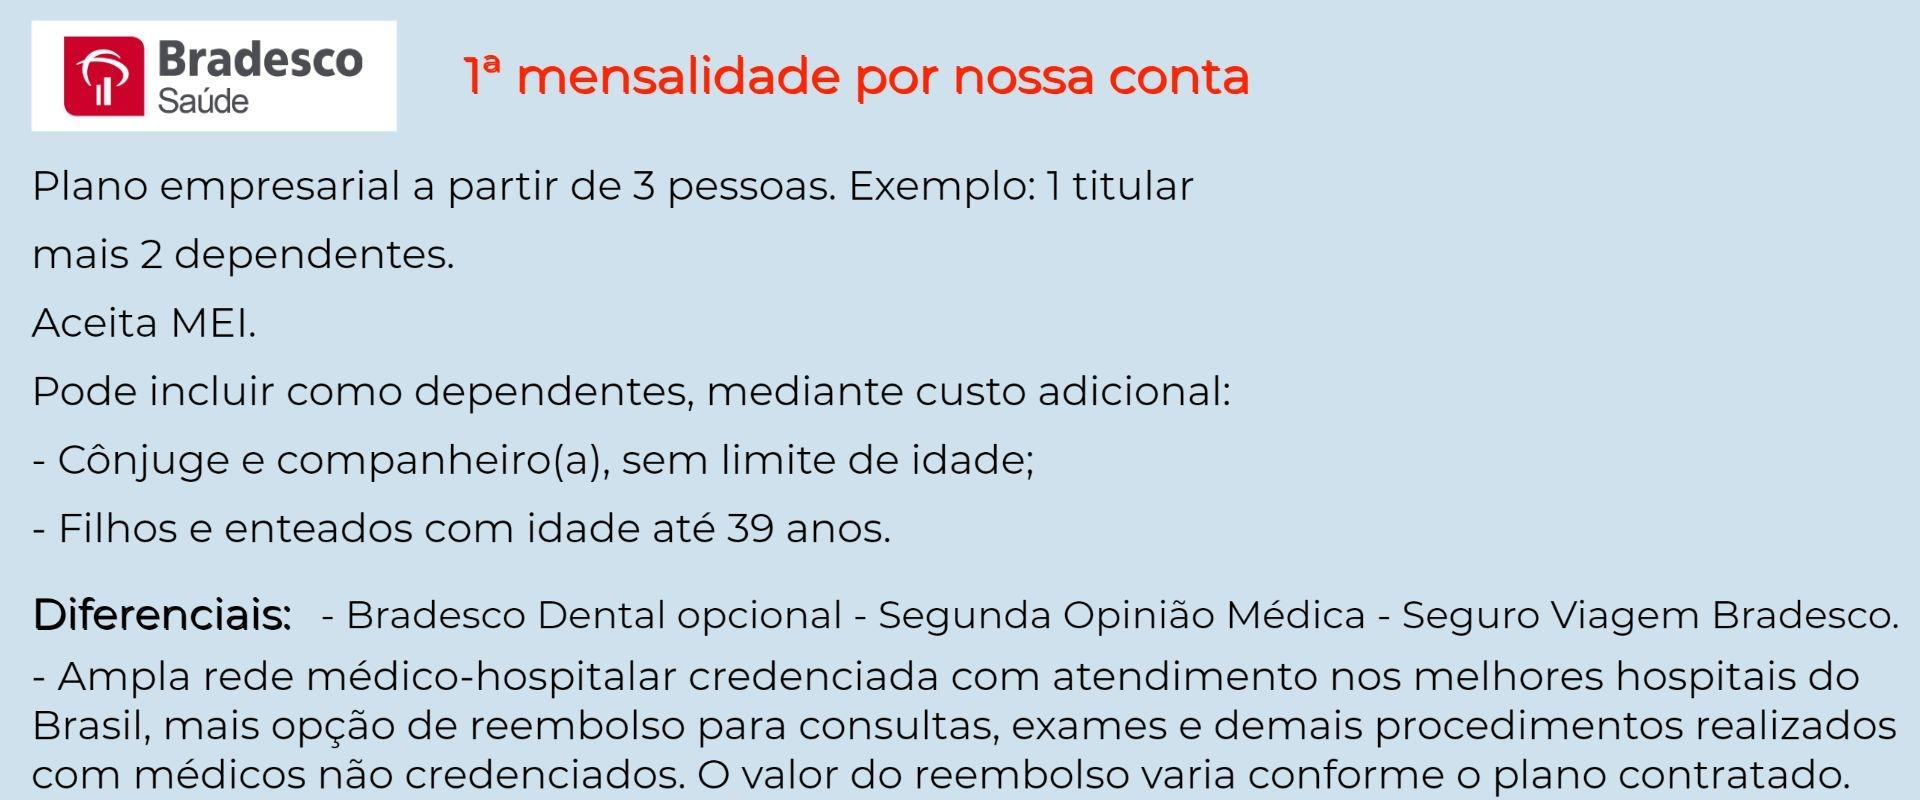 Bradesco Saúde Empresarial - Vicente Pires